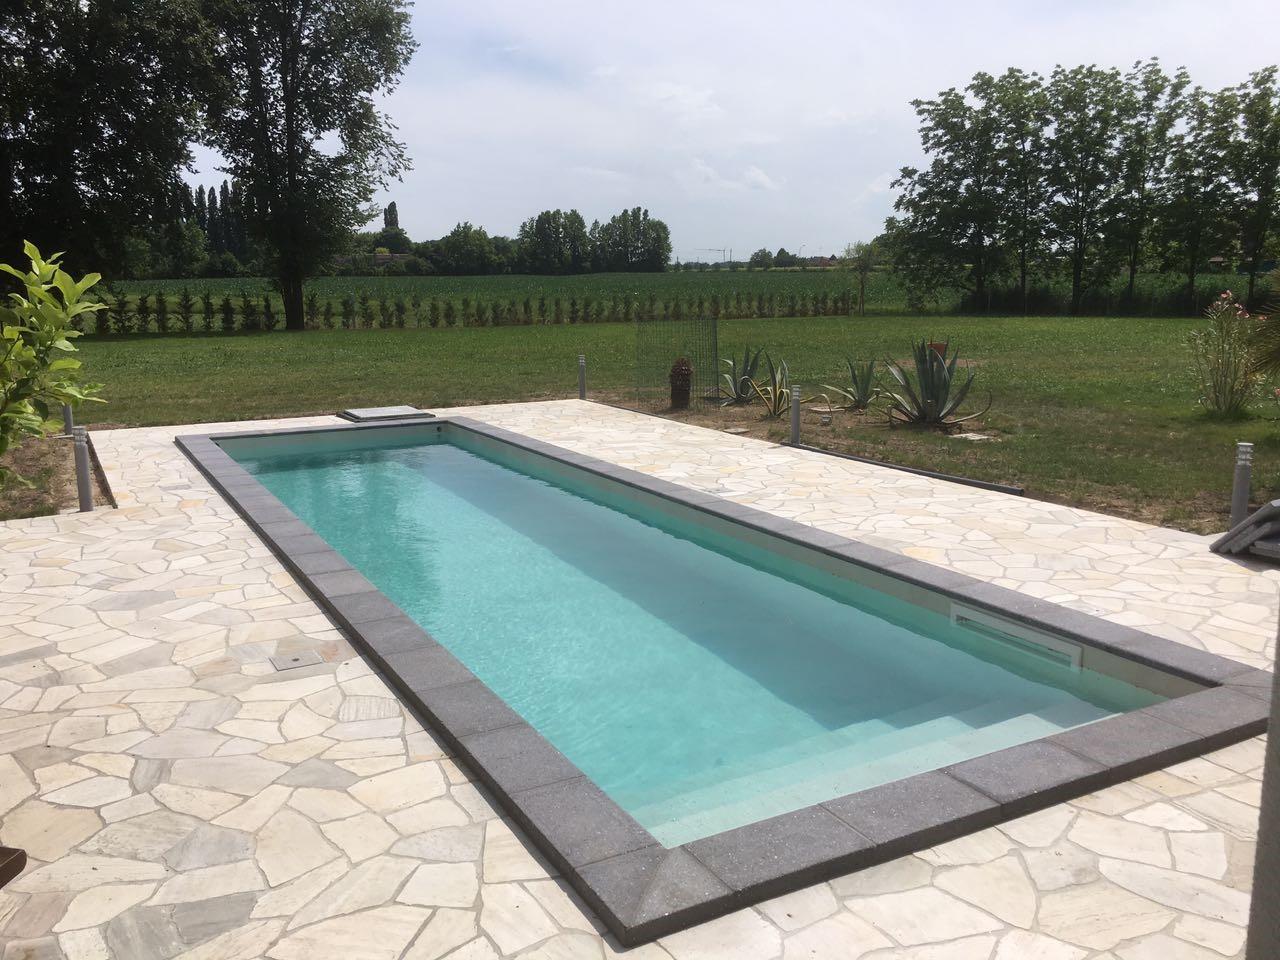 Guarda come nasce una piscina nelle 8 immagini.